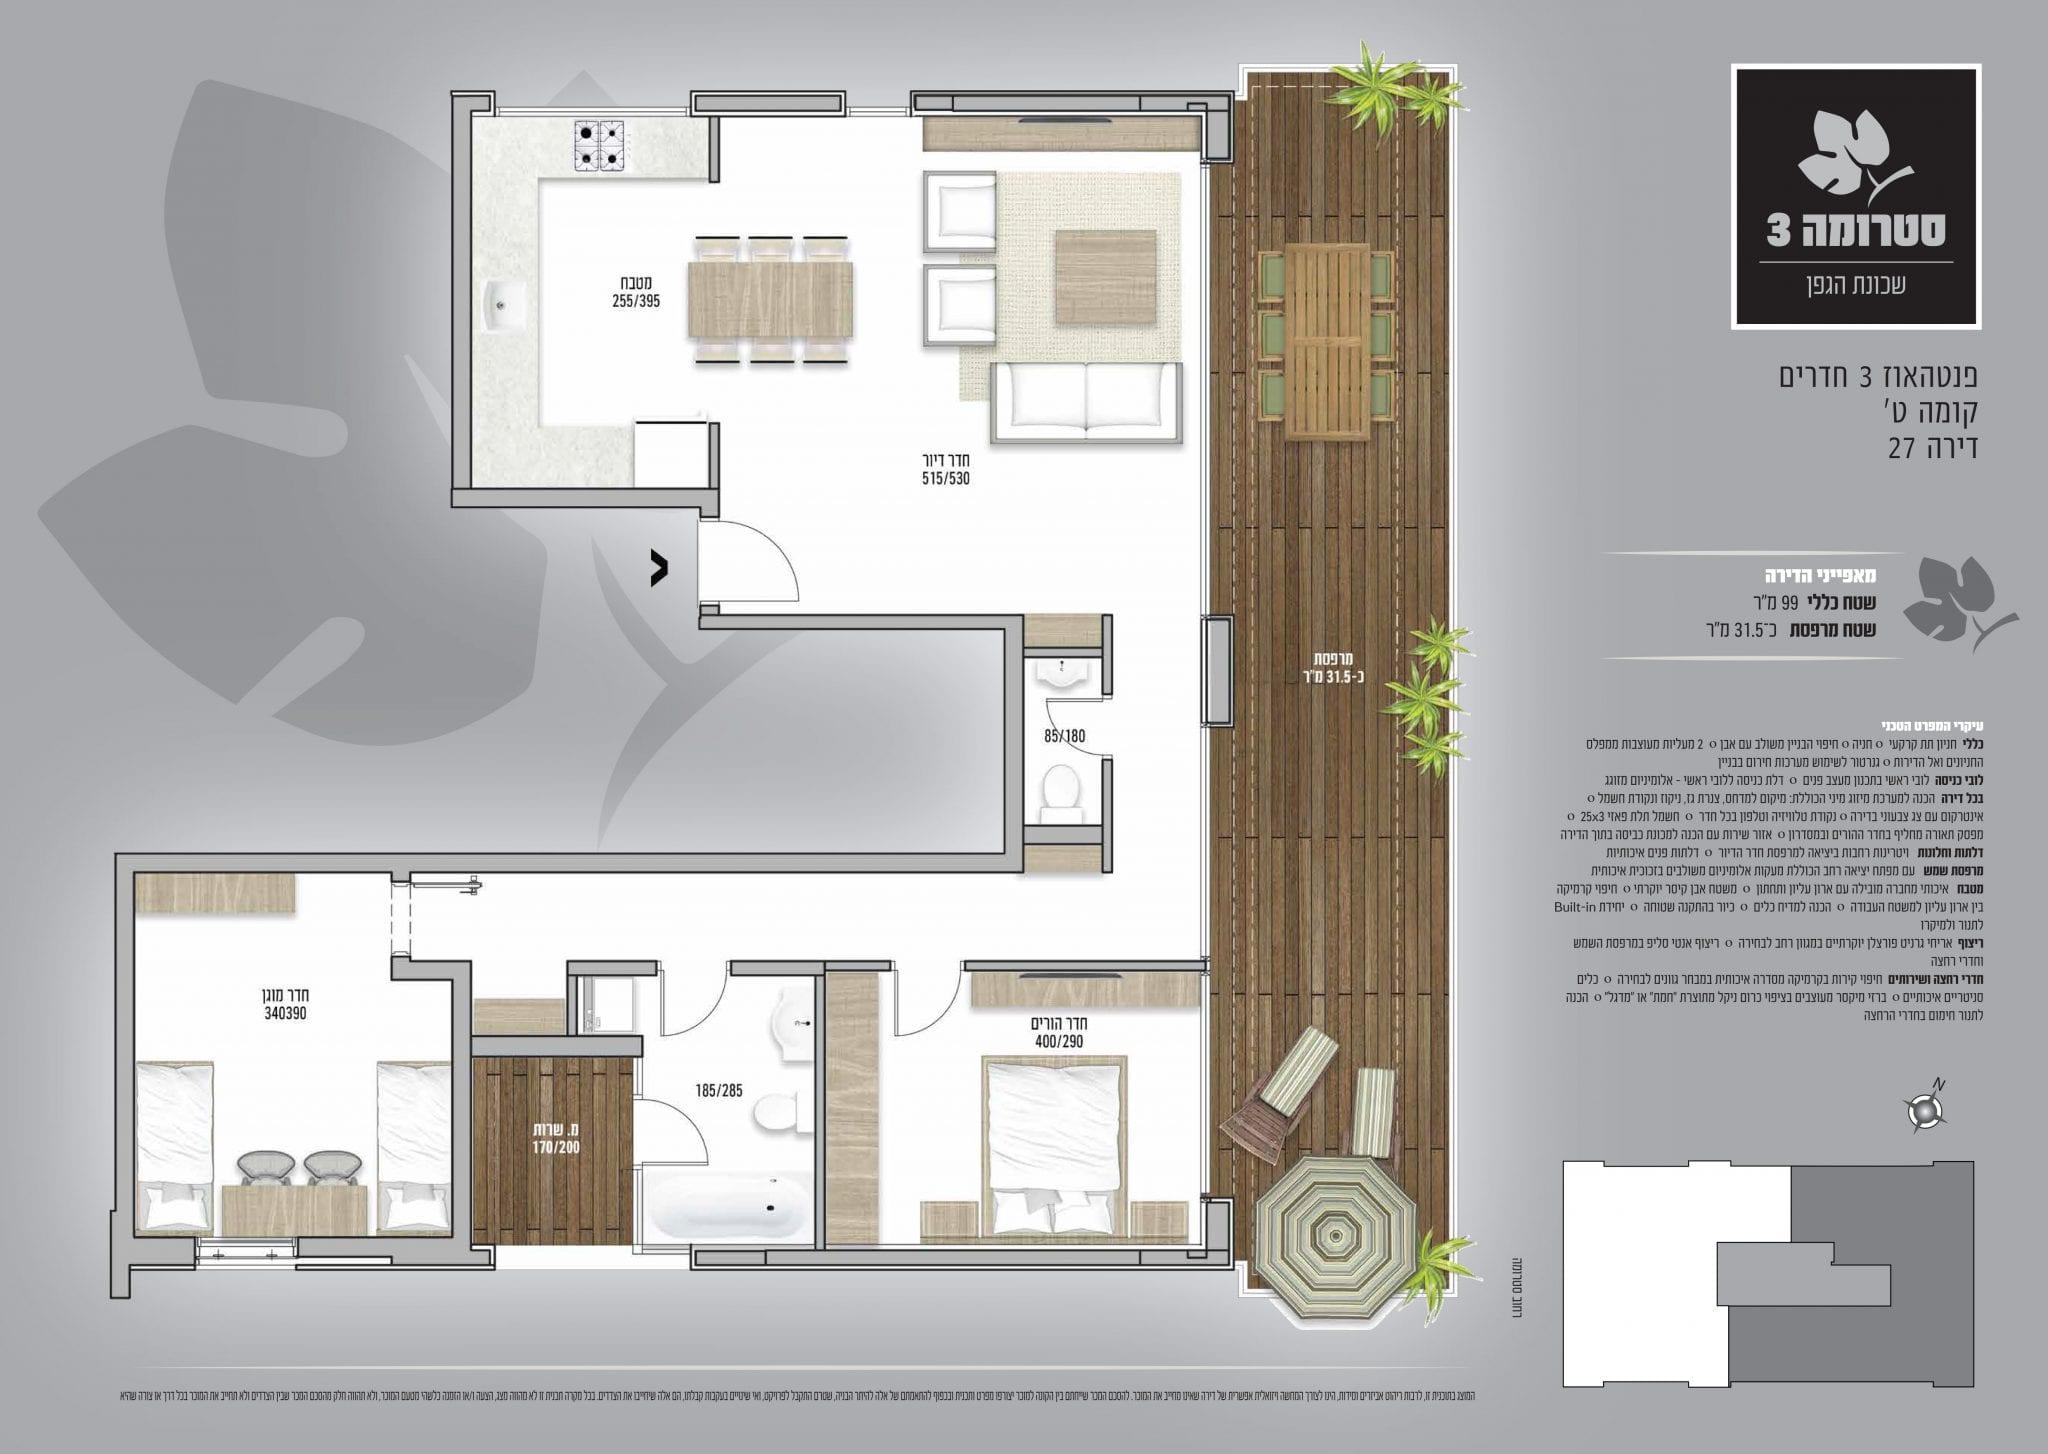 פנטהאוז 3 חדרים - מספר 27